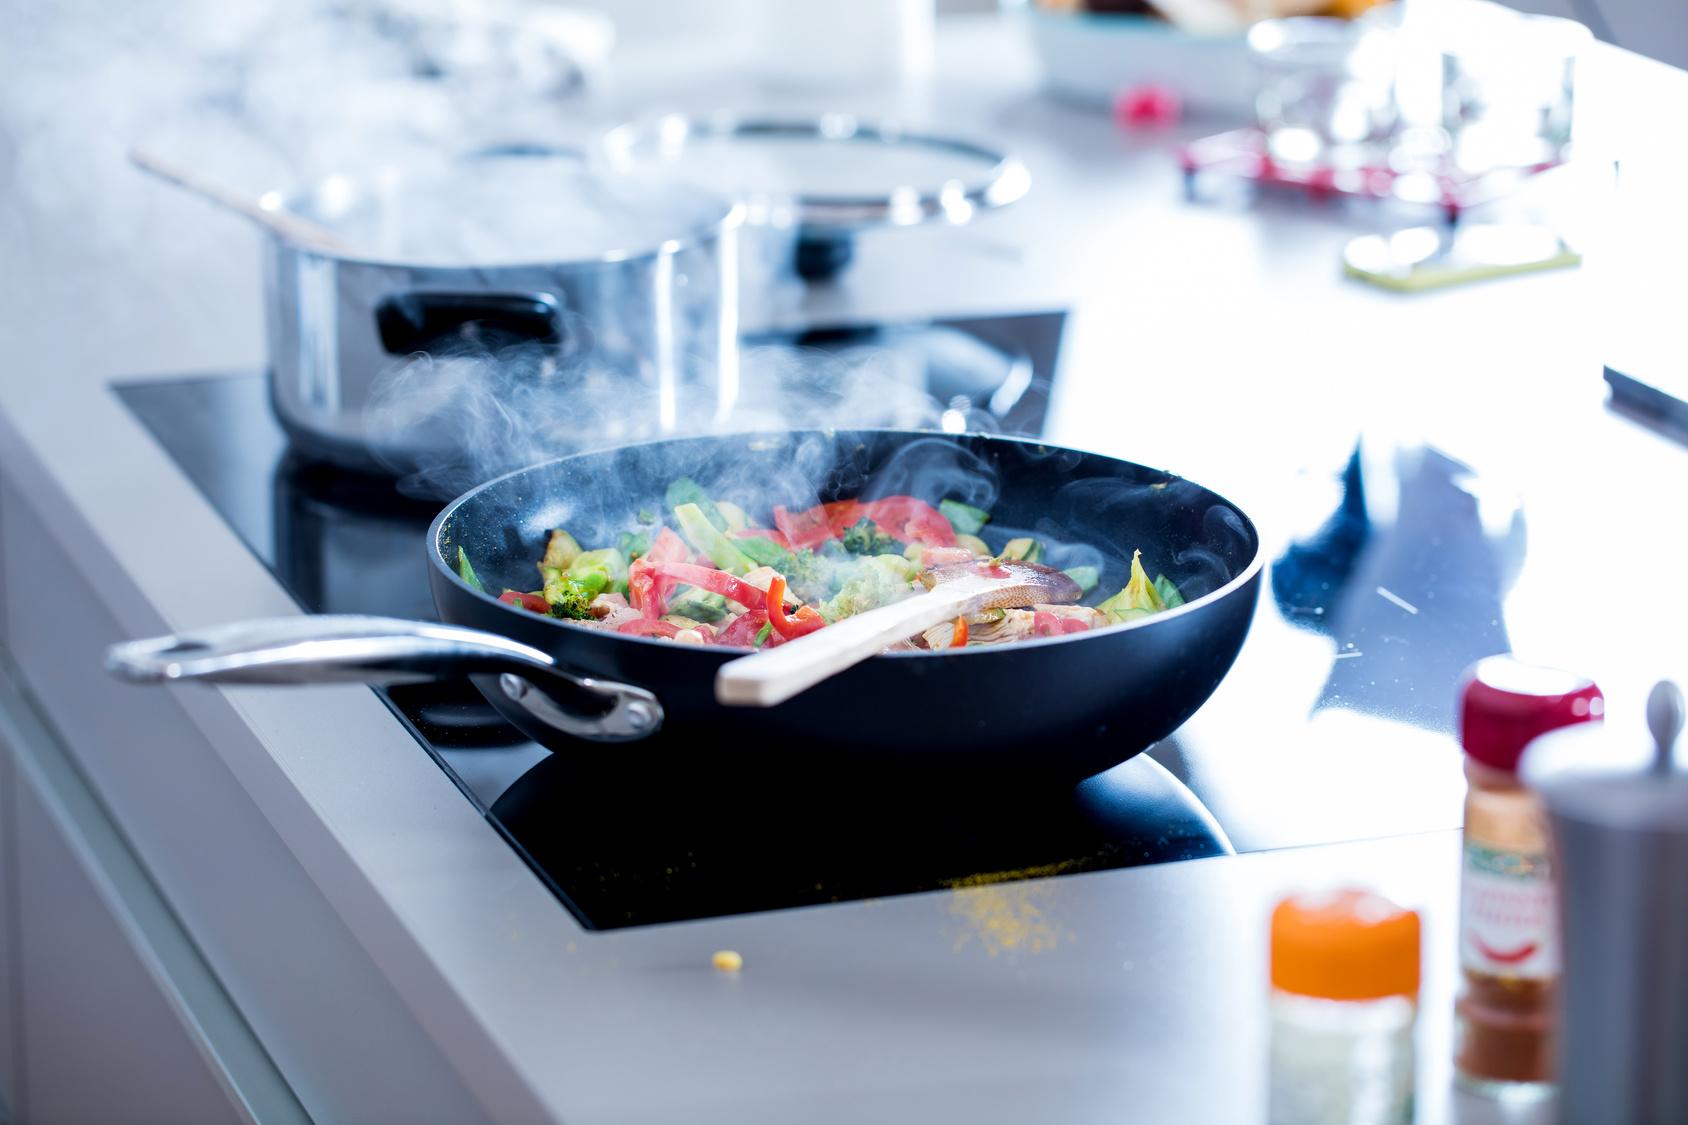 Savoir comment cuire ses aliments